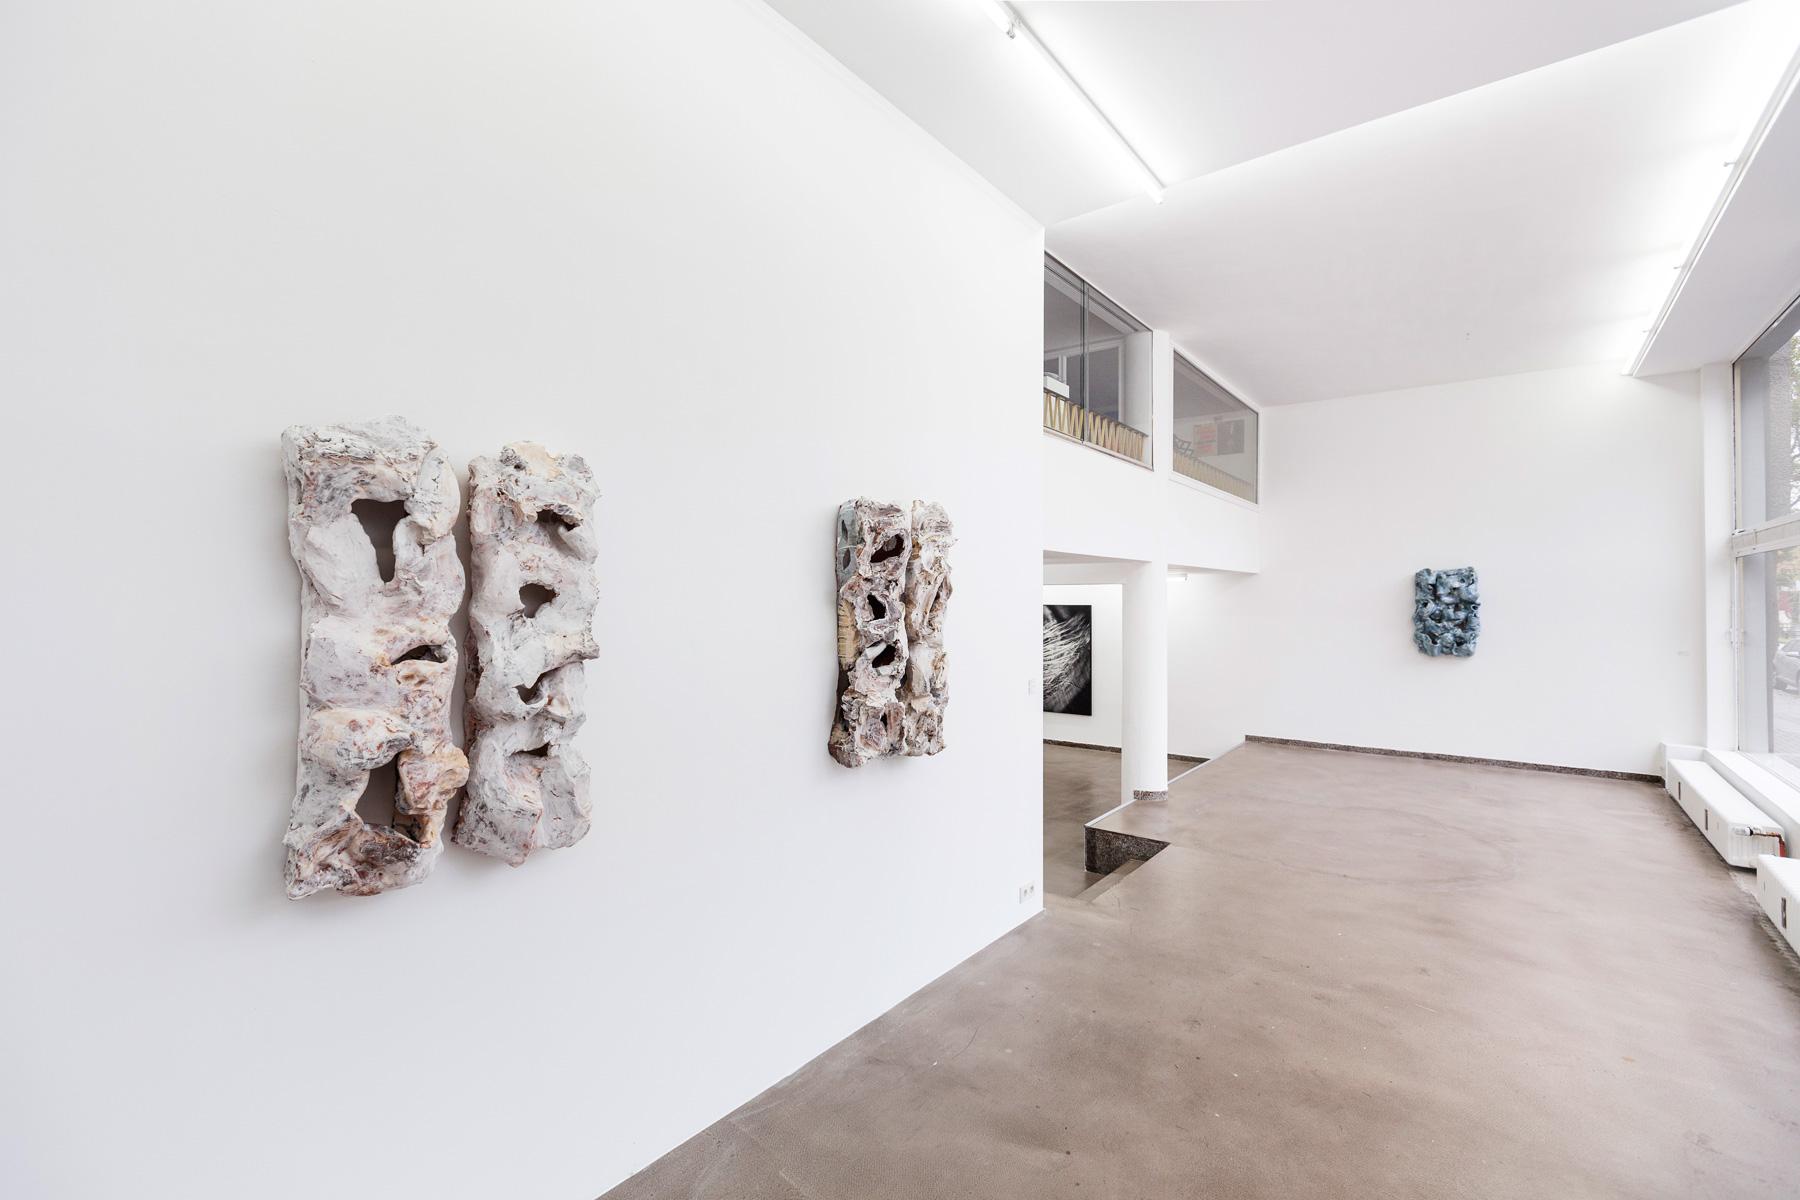 Karweick_Moritz_installation-view_2019_04